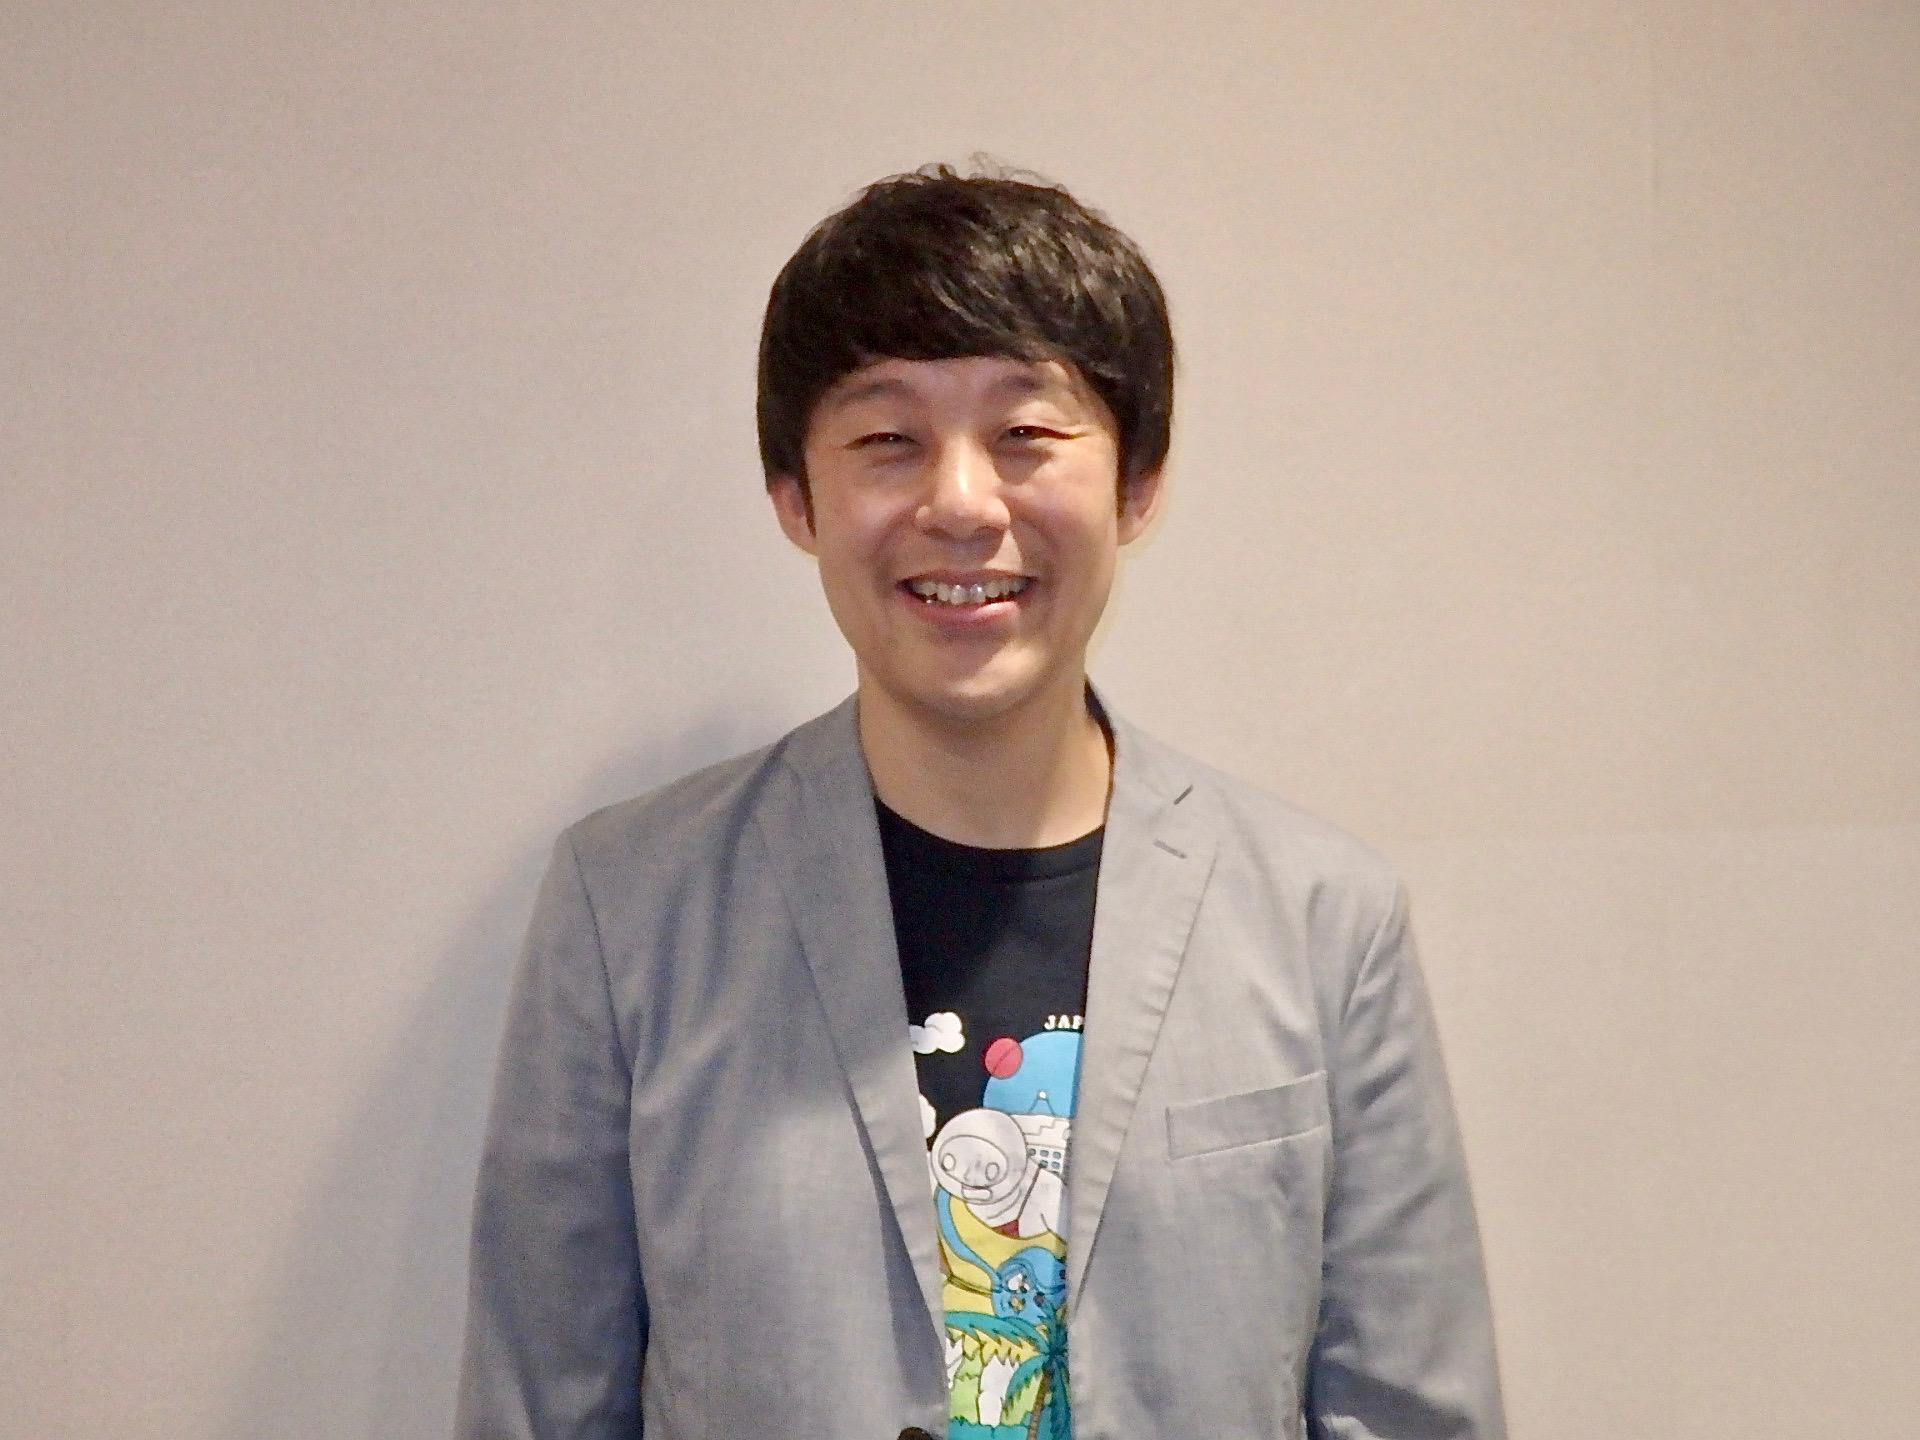 http://news.yoshimoto.co.jp/20180520175607-08262cbc0d4be3bd50cc32fdccf4558836f2d6b6.jpg